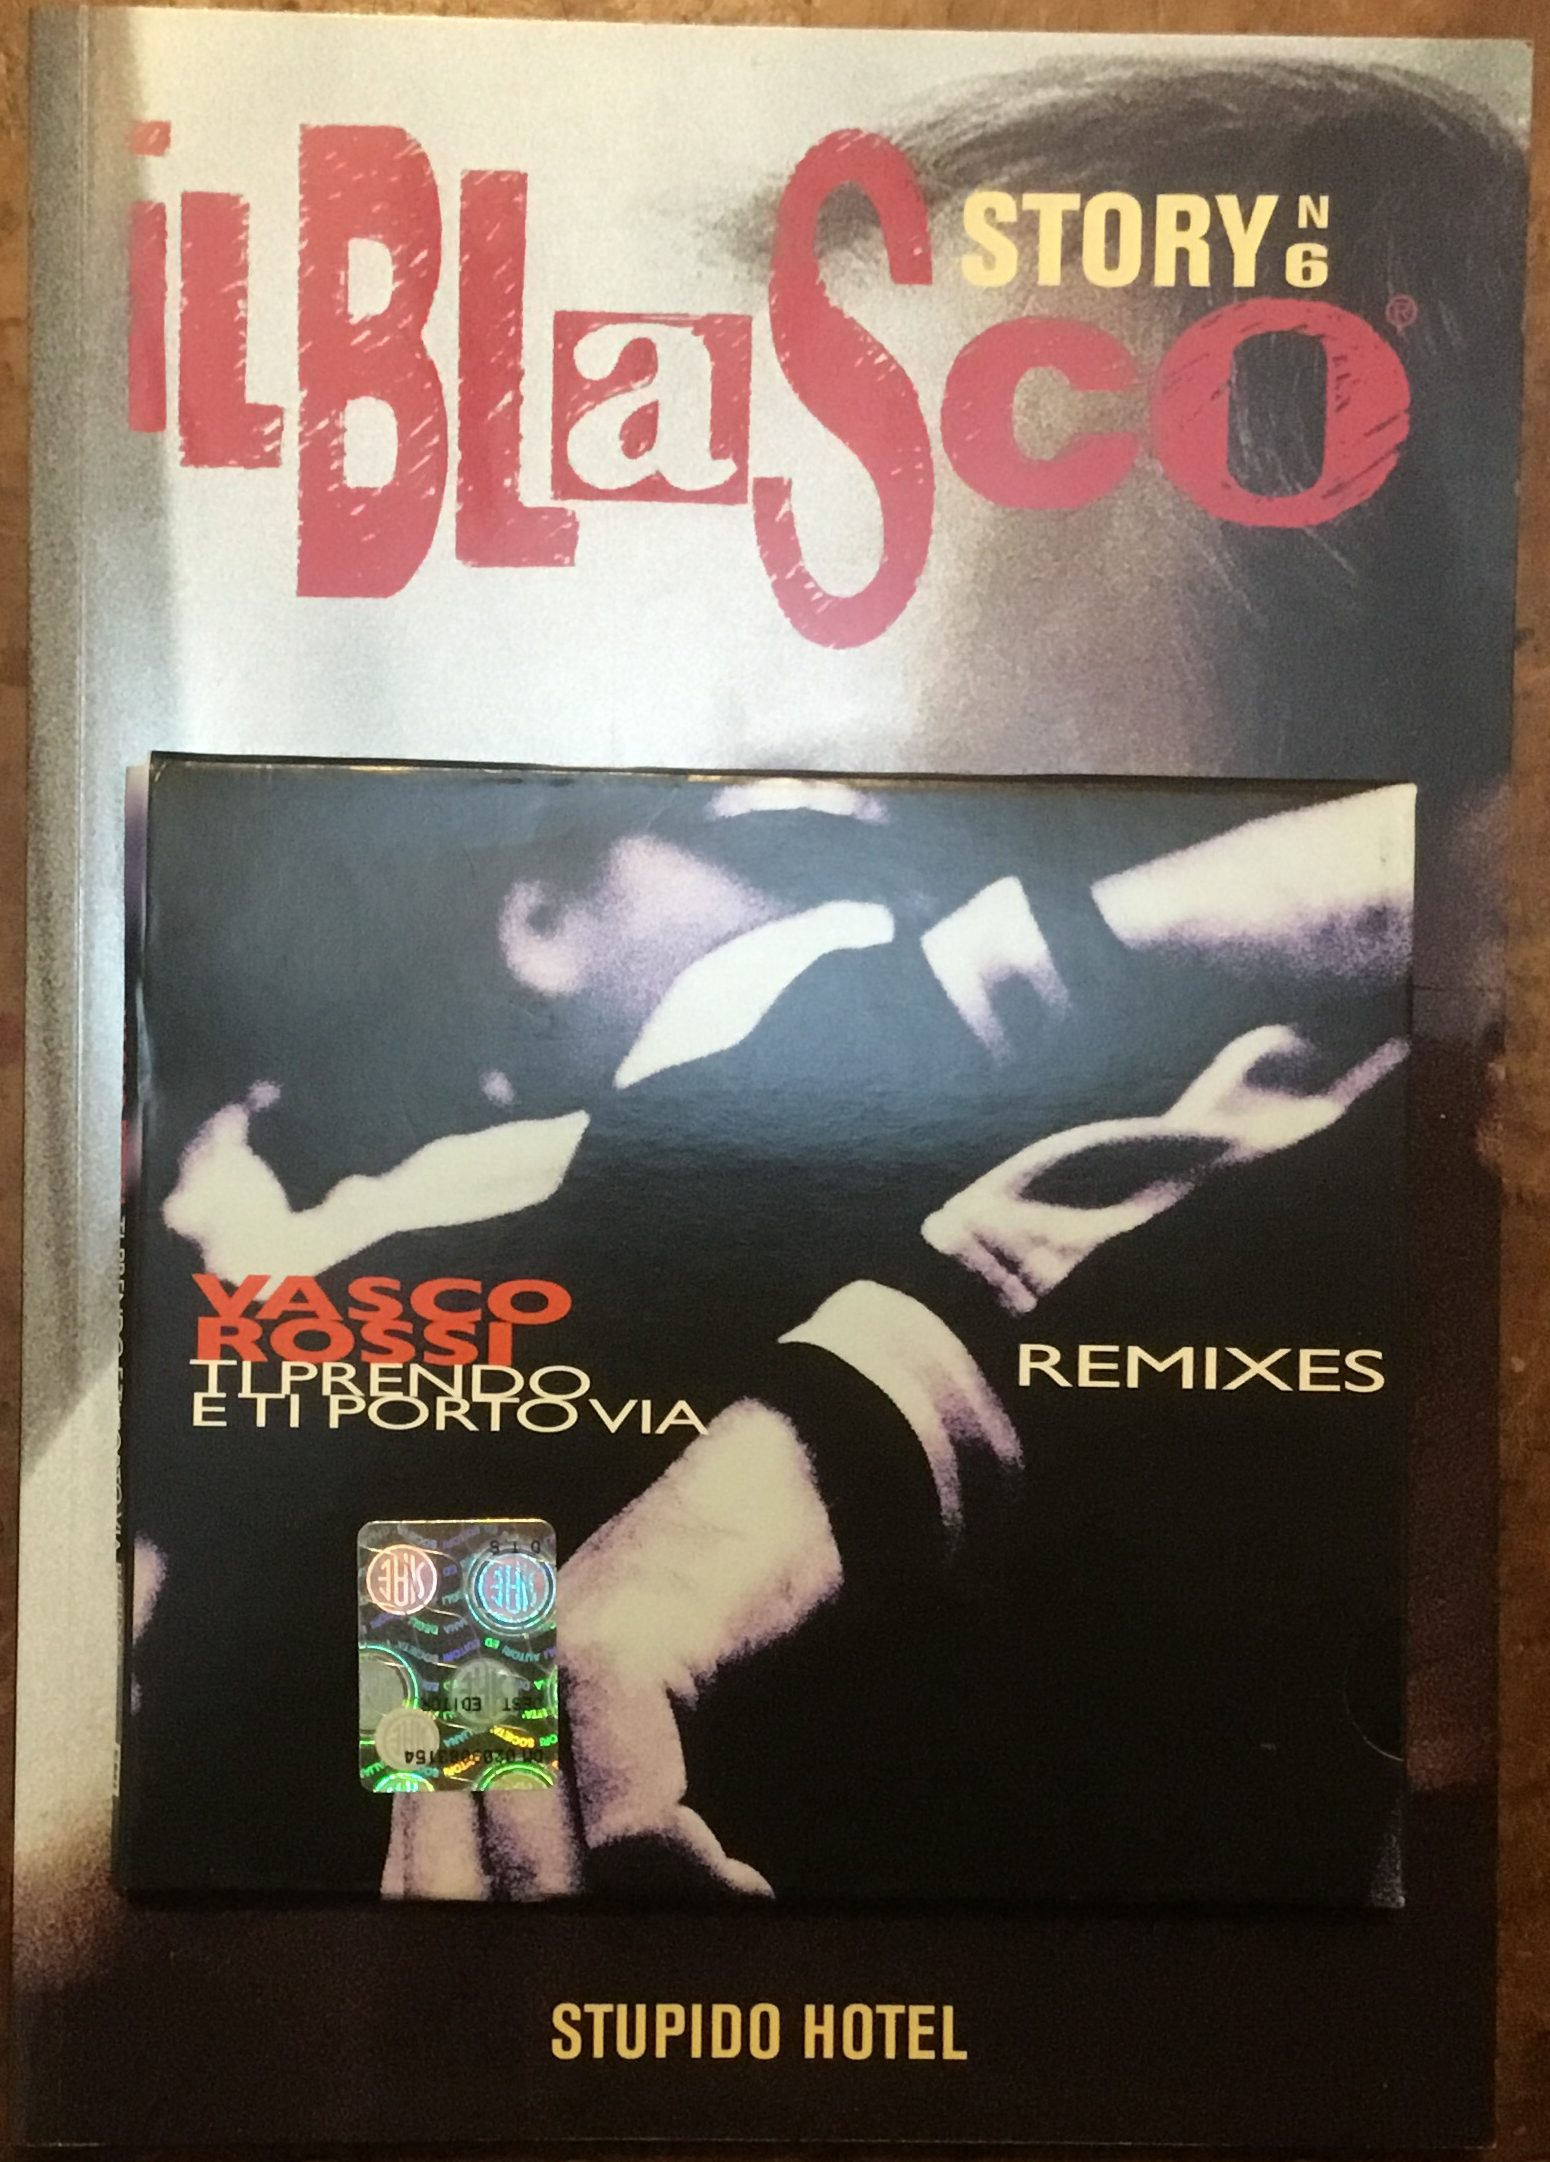 Il Blasco Story n.7, Rivista con allegato CD 'Cosa vuoi da me Remix' (Dest. Editoriale)